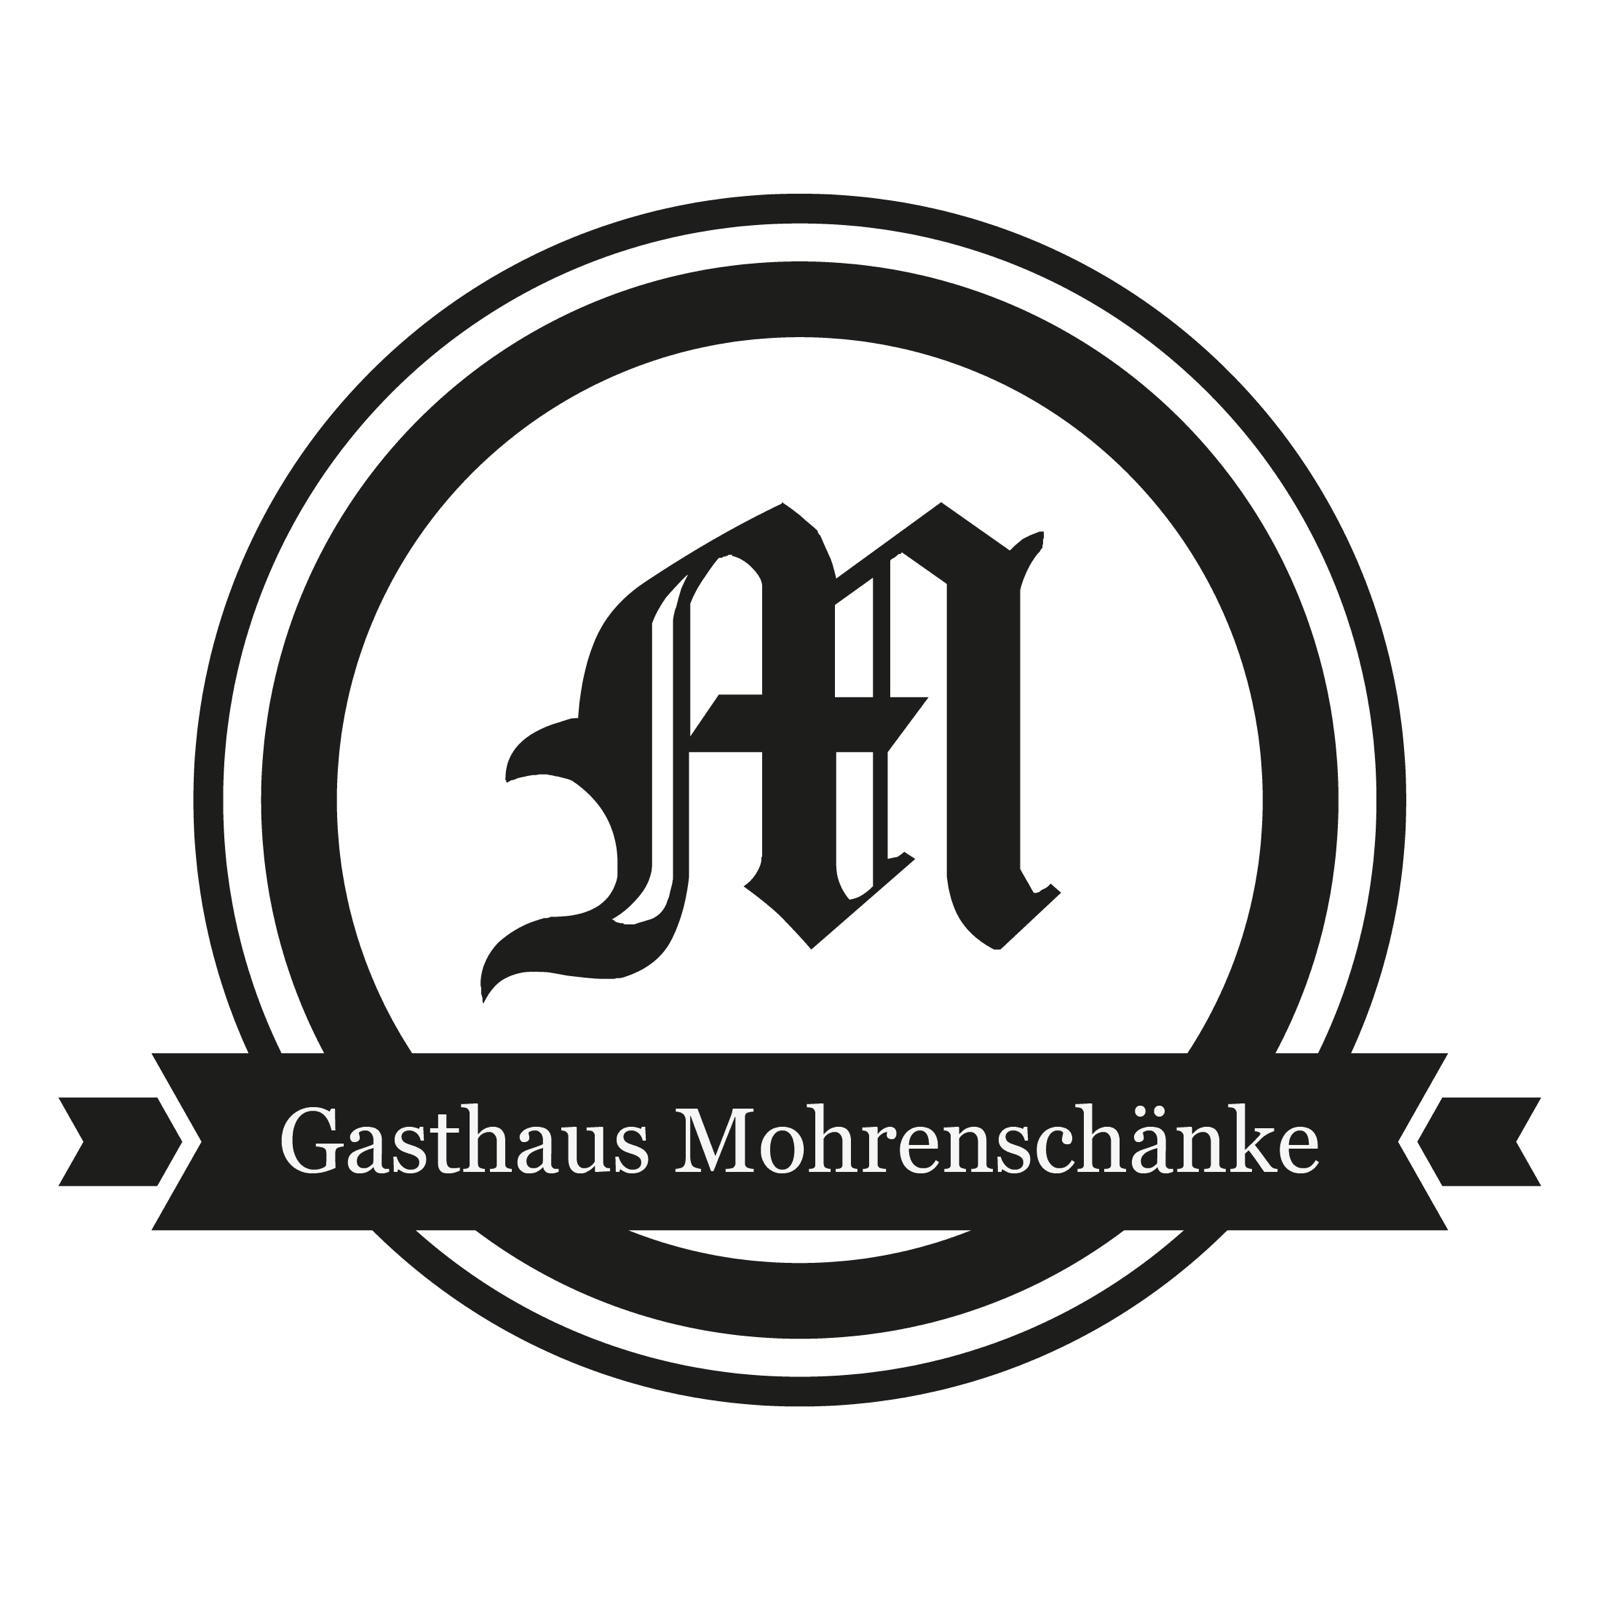 Gasthaus Mohrenschänke